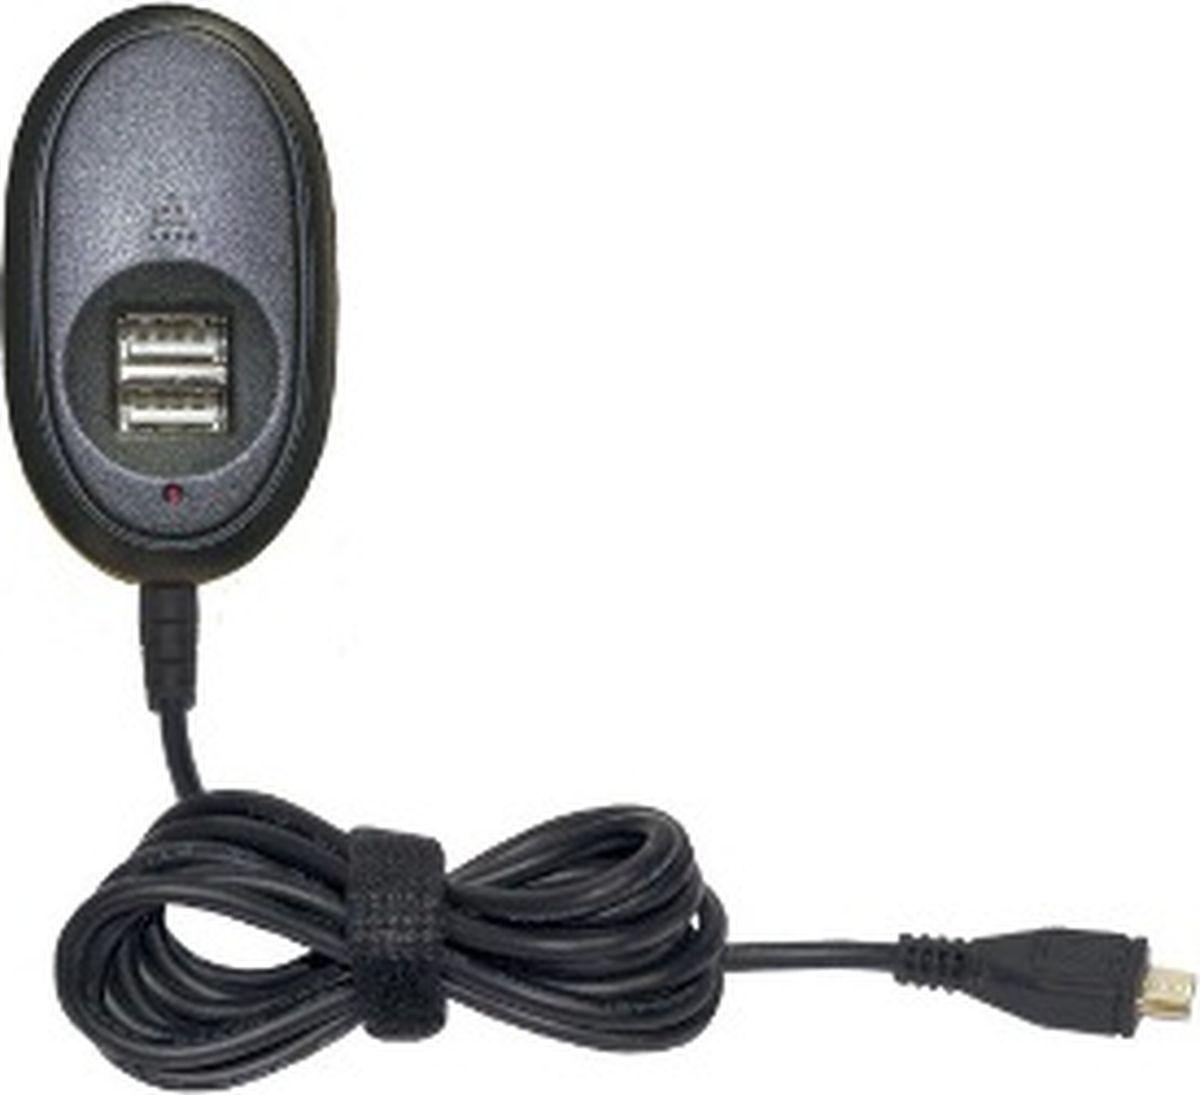 Ginzzu GA-3412UB, Black сетевое зарядное устройство + кабель micro USB зарядное устройство black fox bmp 104g золотой